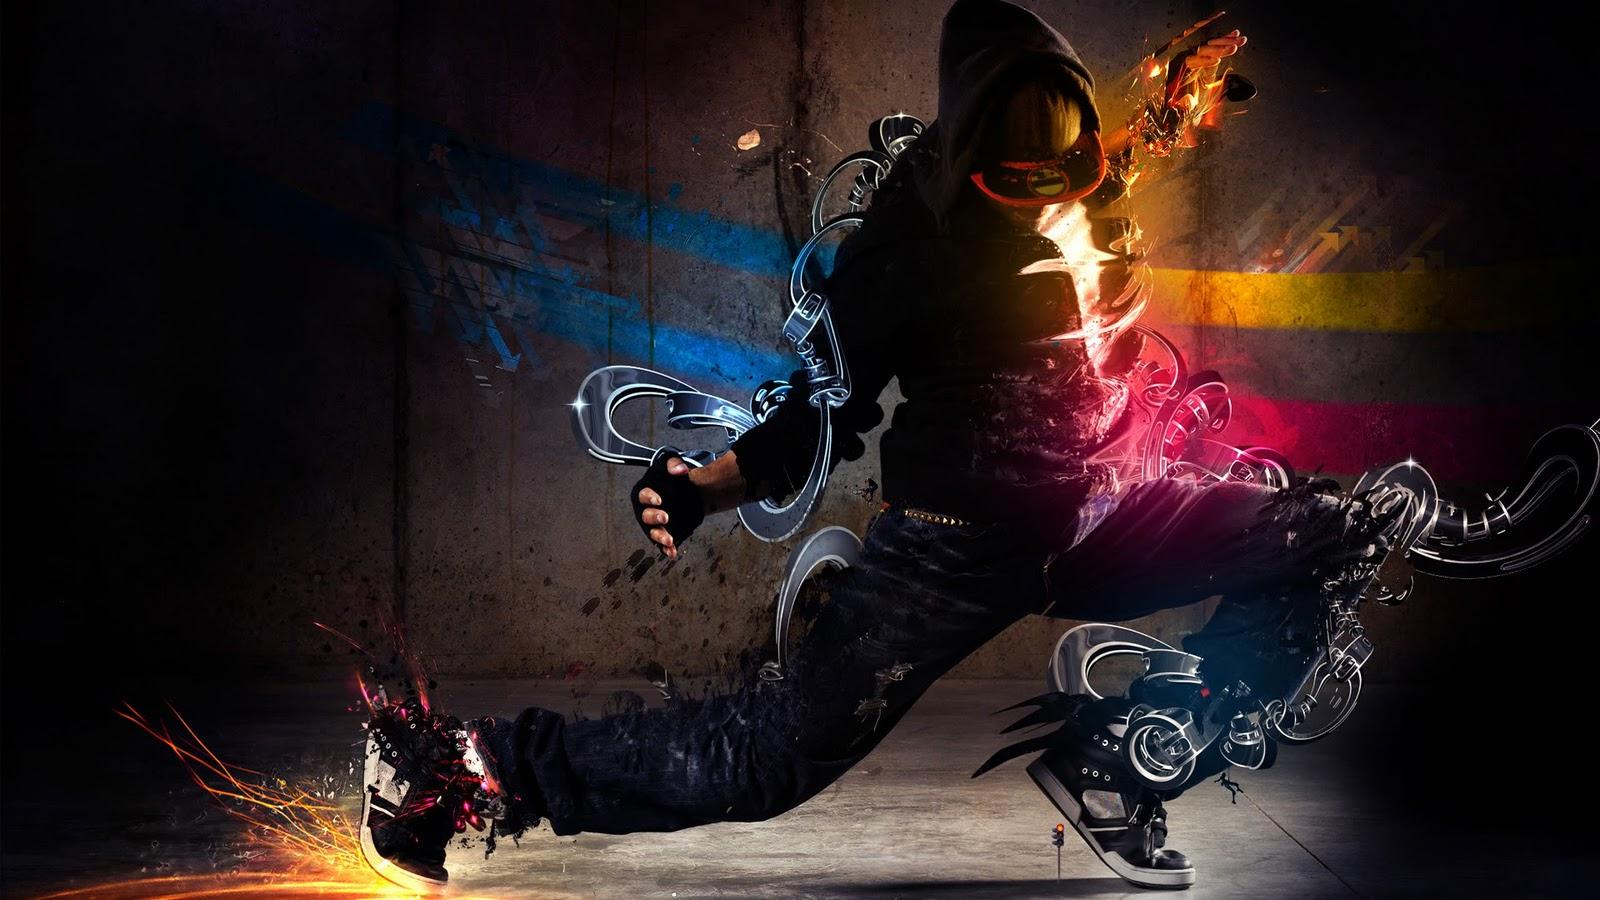 Hip hop Dance HD wallpaper | Photogallery  Hip hop Dance H...